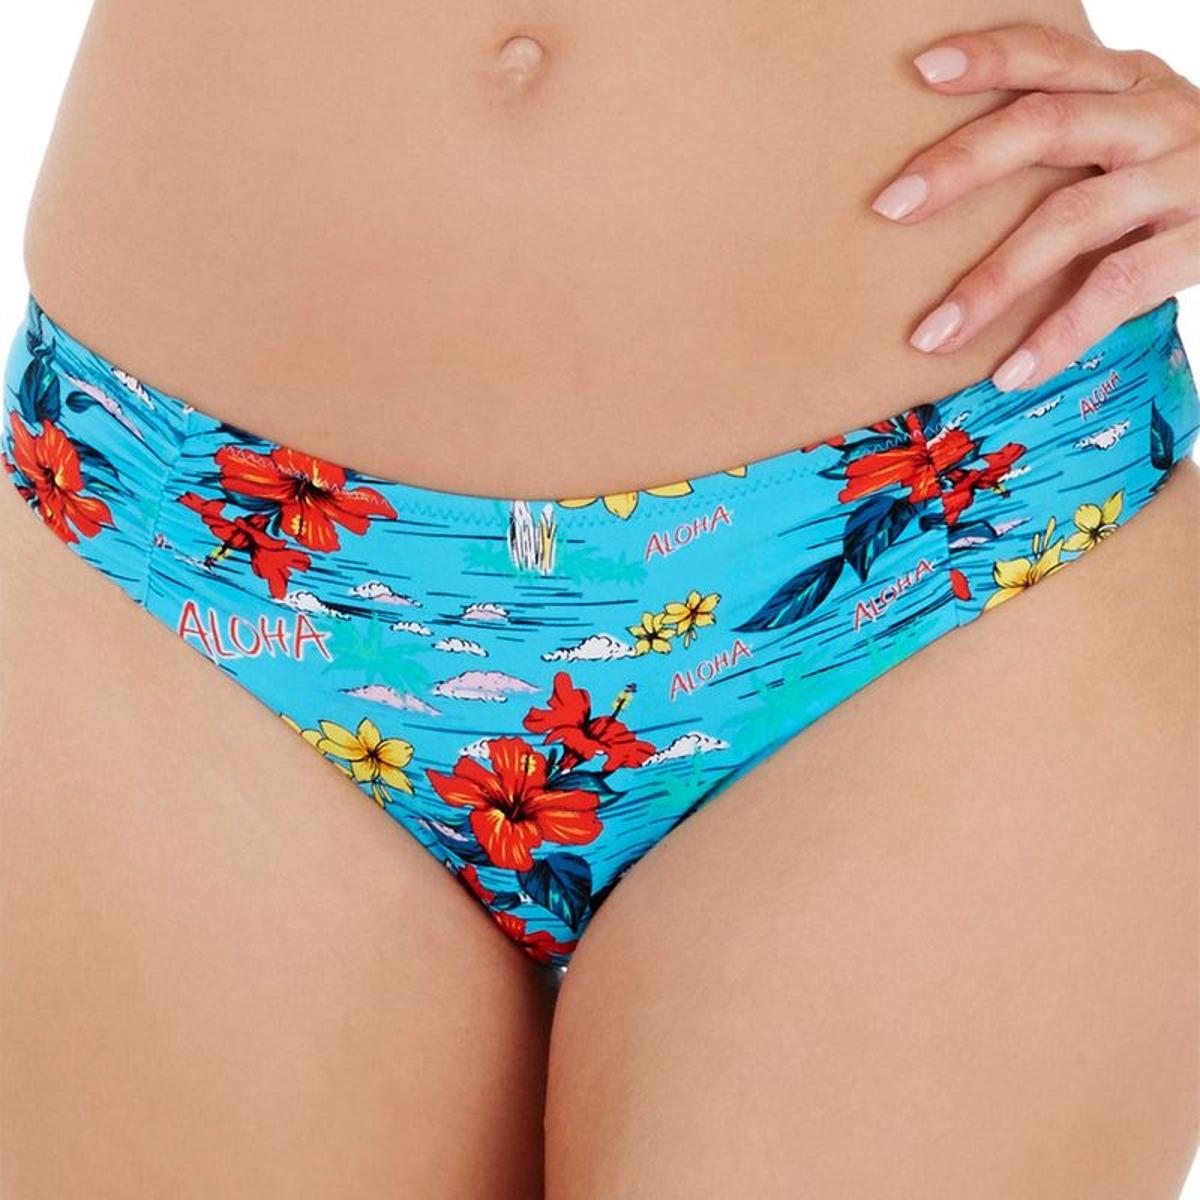 Slip de bain taille basse Audelle ALOHA flower multi print XXL